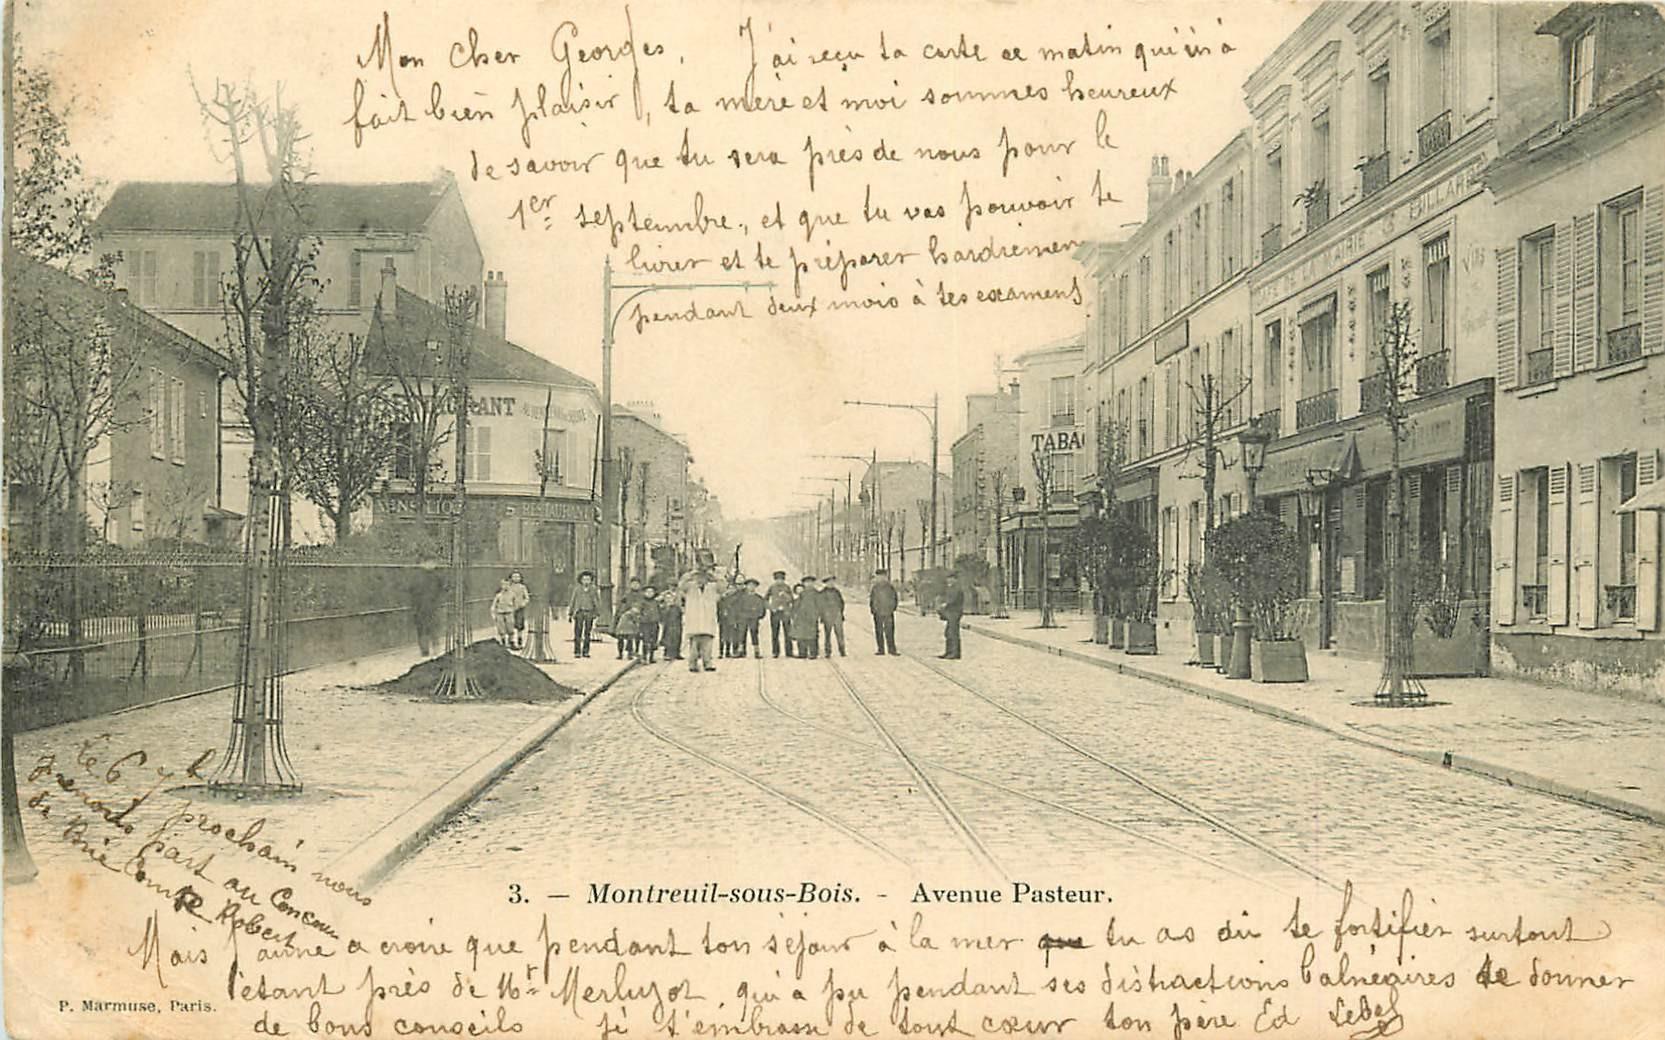 WW 93 MONTREUIL-SOUS-BOIS. Café de la Mairie Avenue Pasteur 1903